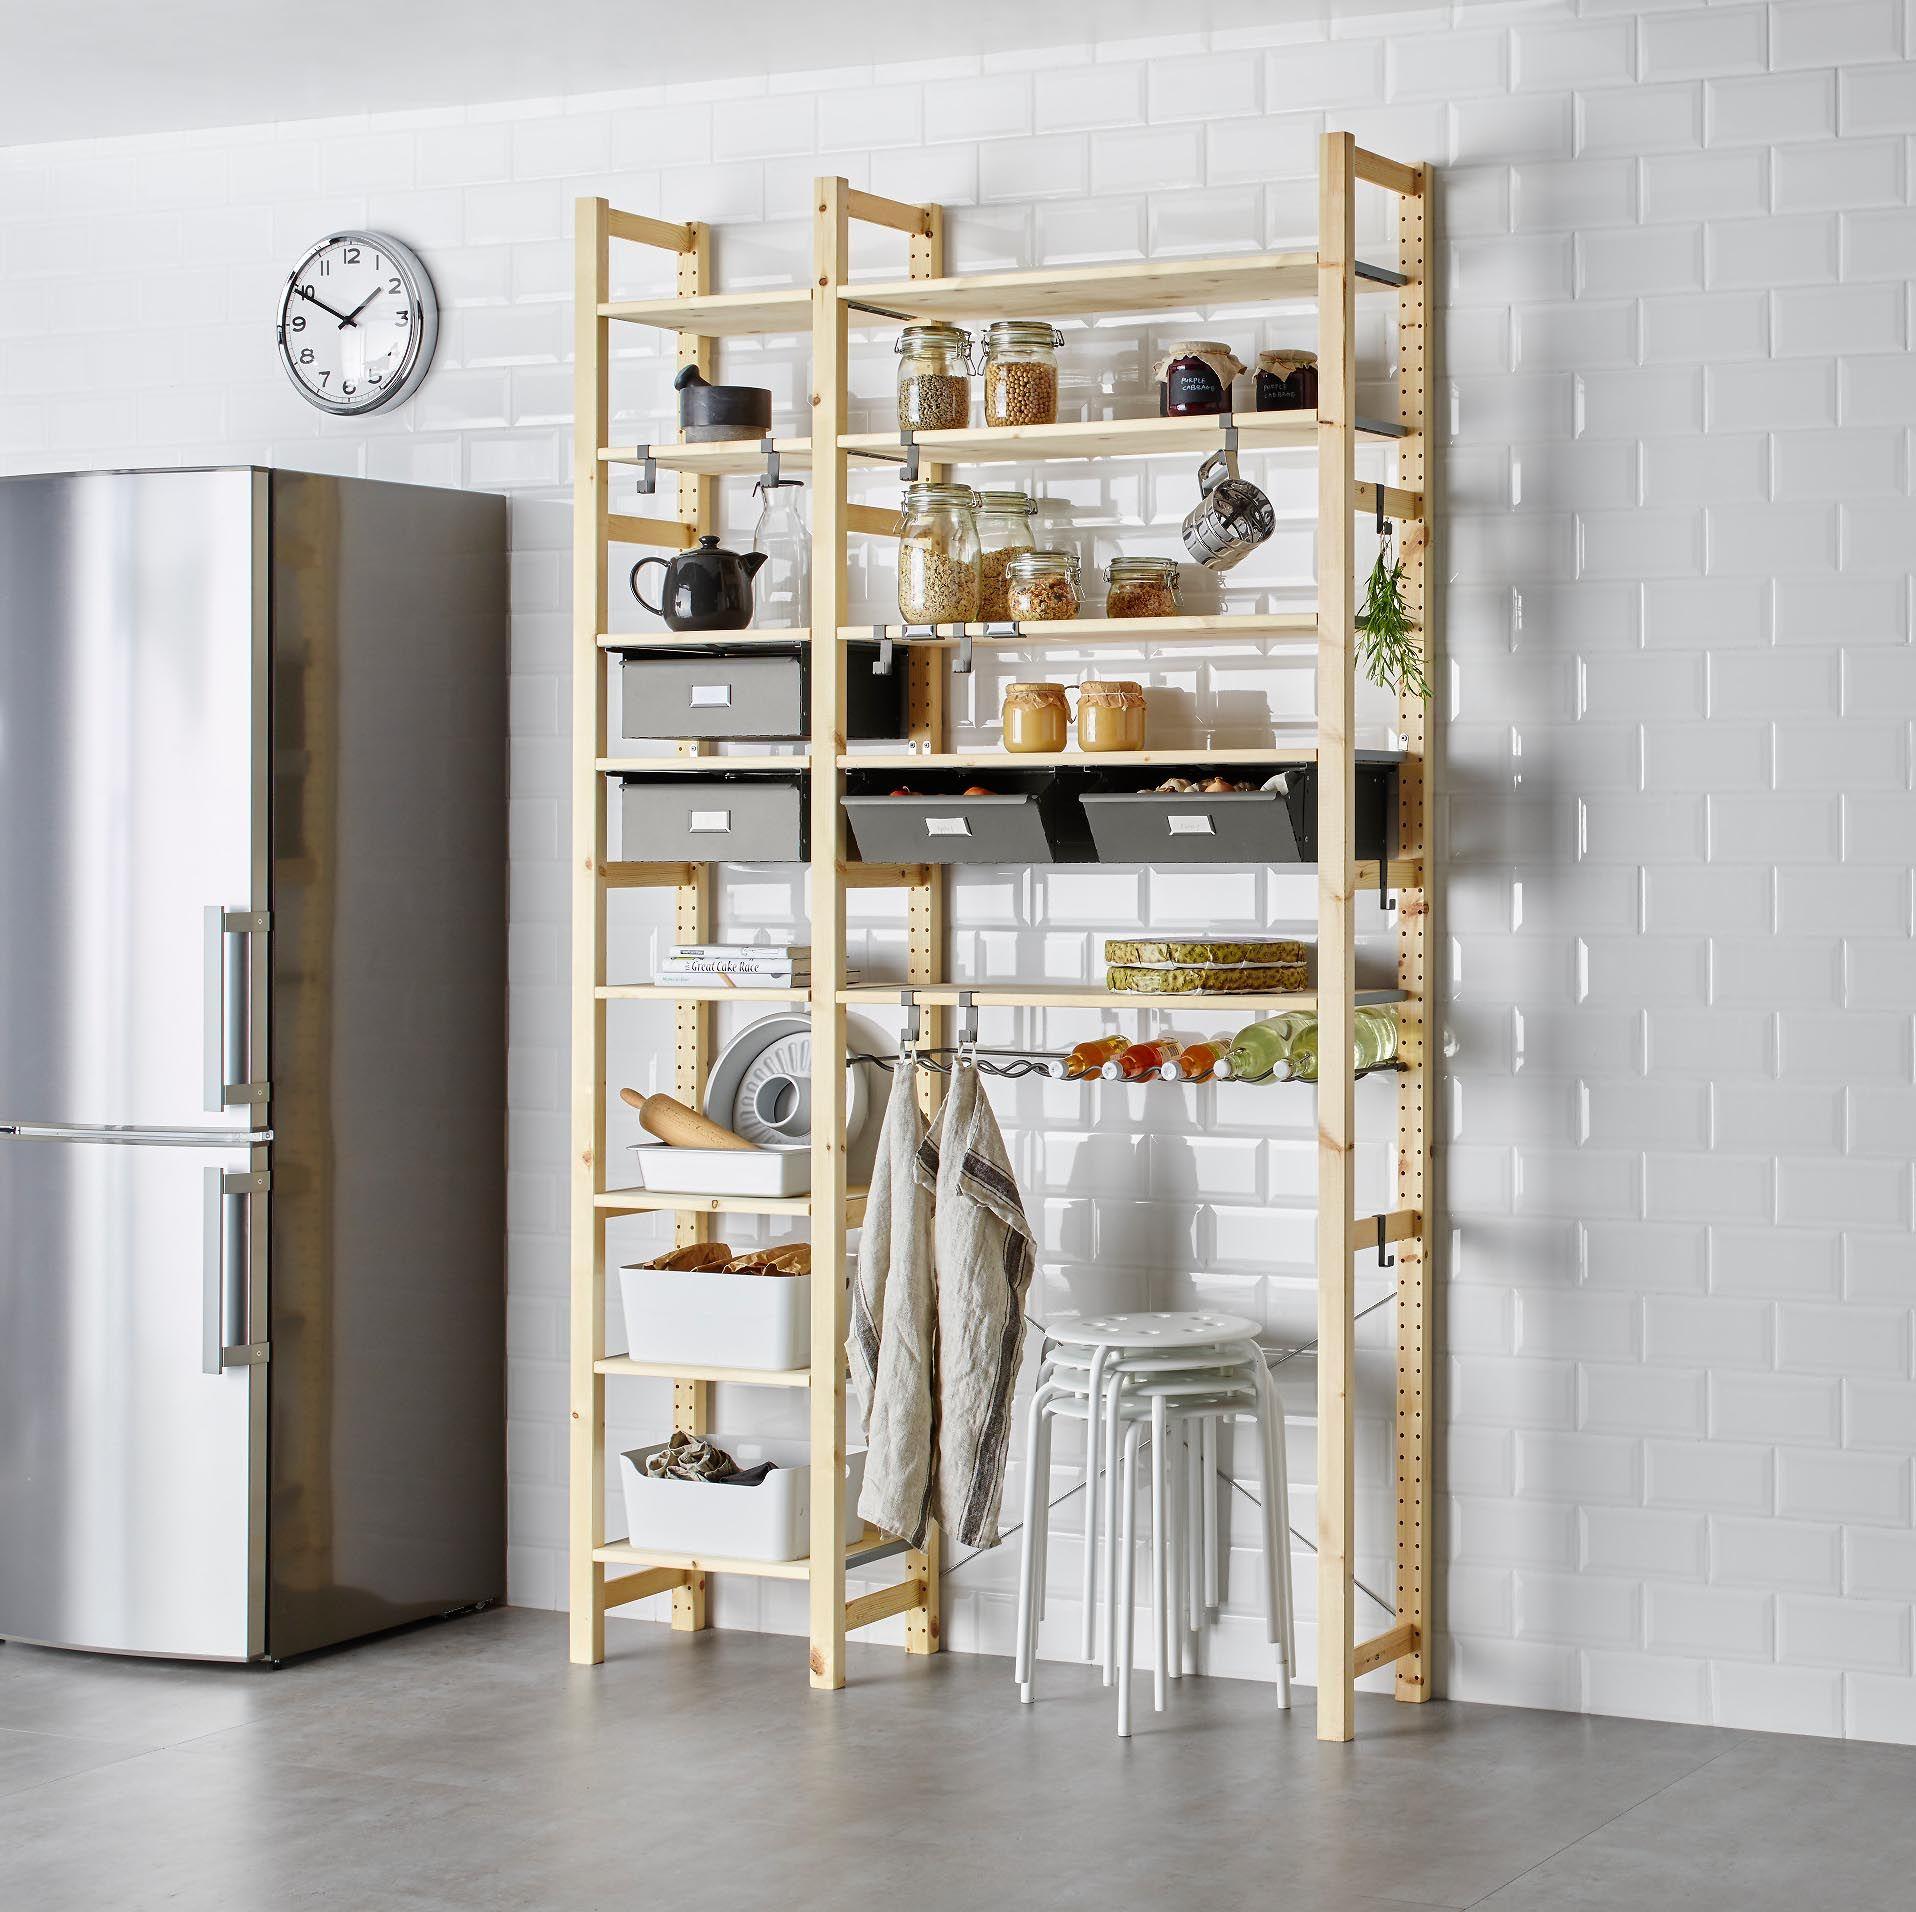 15 organizadores de Ikea que cambiarán tu vida | Abstellkammer ...